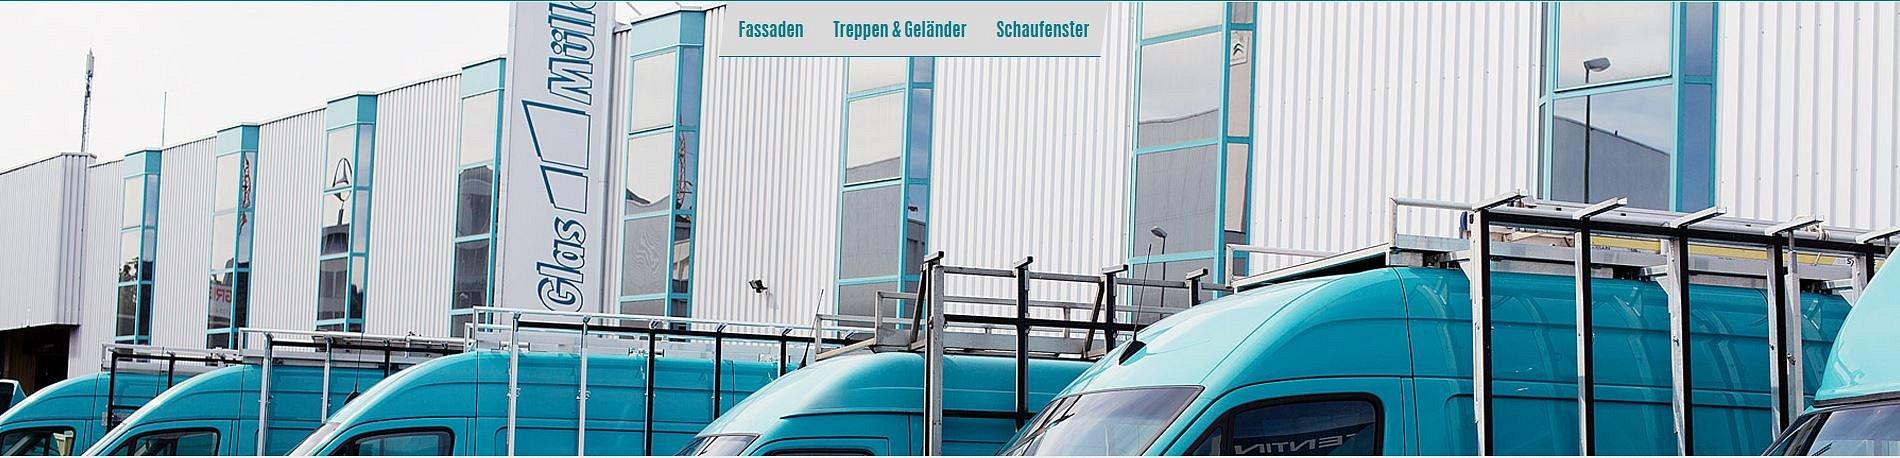 Glas-Müller AG